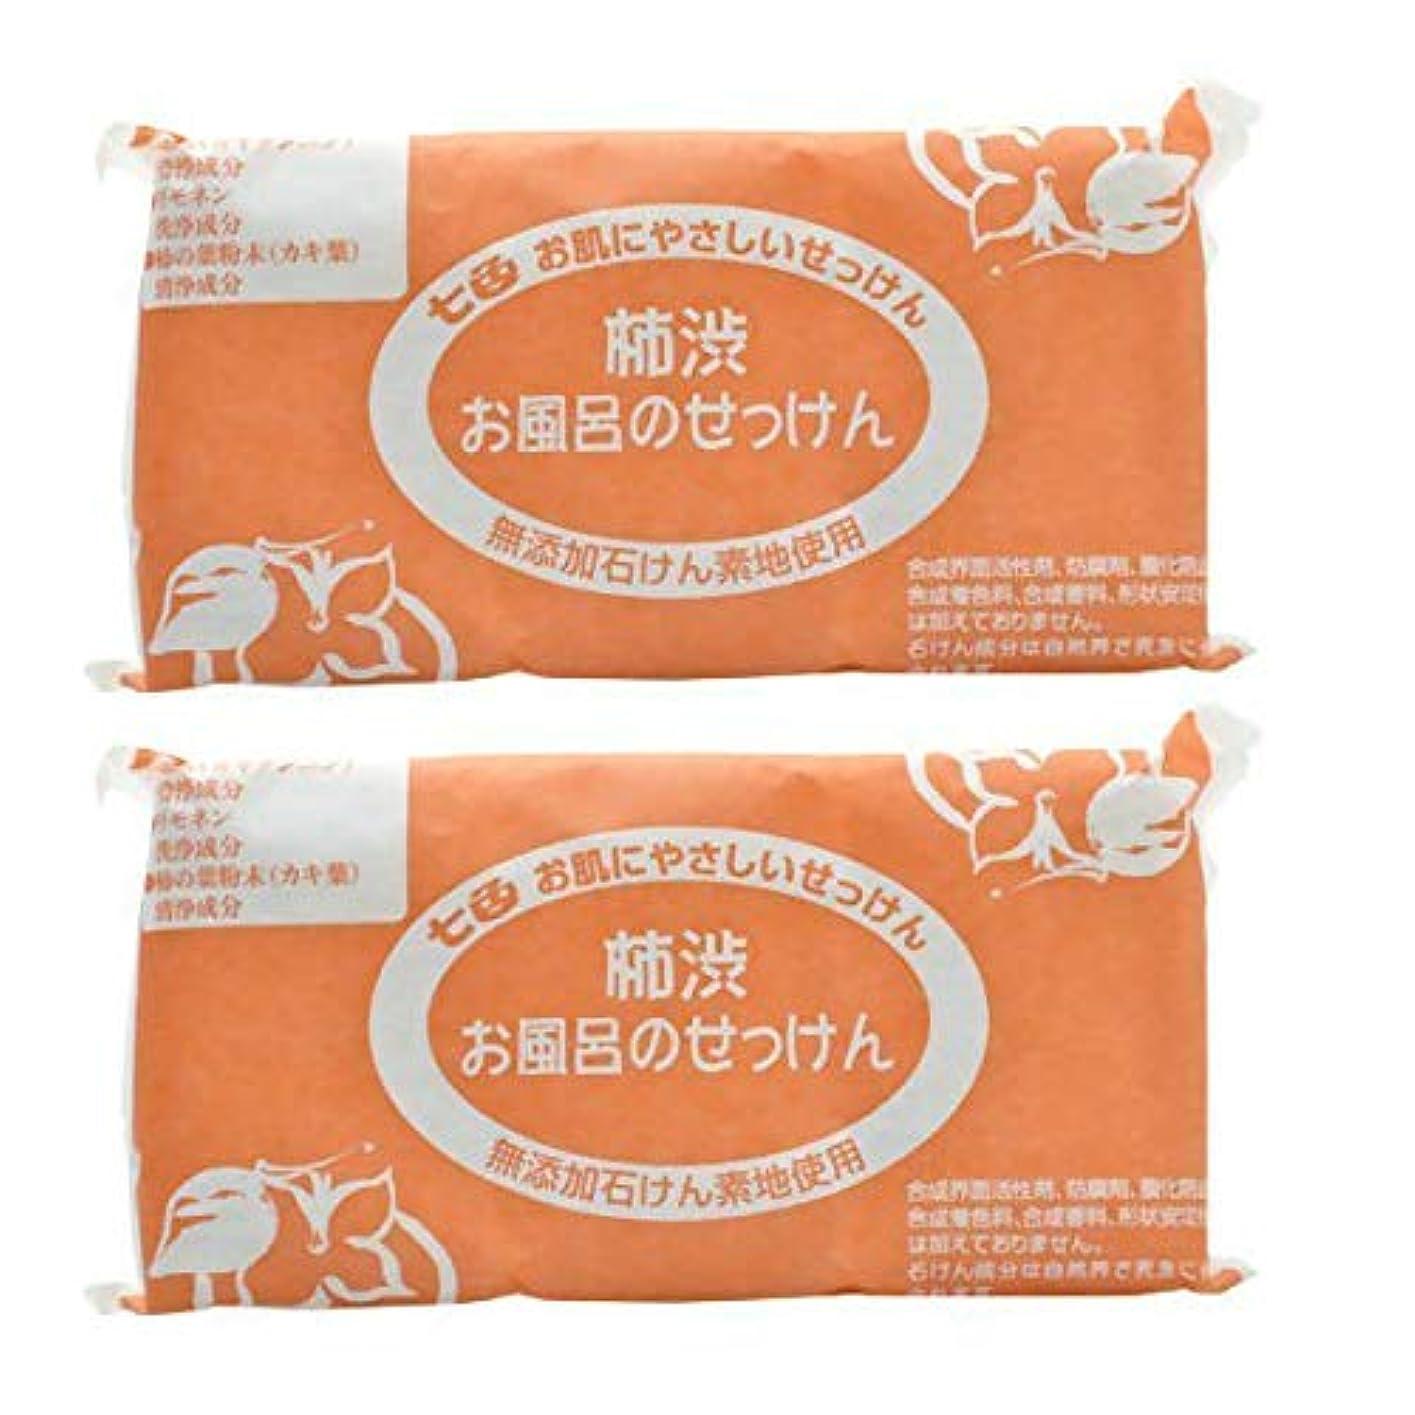 廃棄する彼女のパンツ七色 お風呂のせっけん 柿渋(無添加石鹸) 100g×3個入×2セット